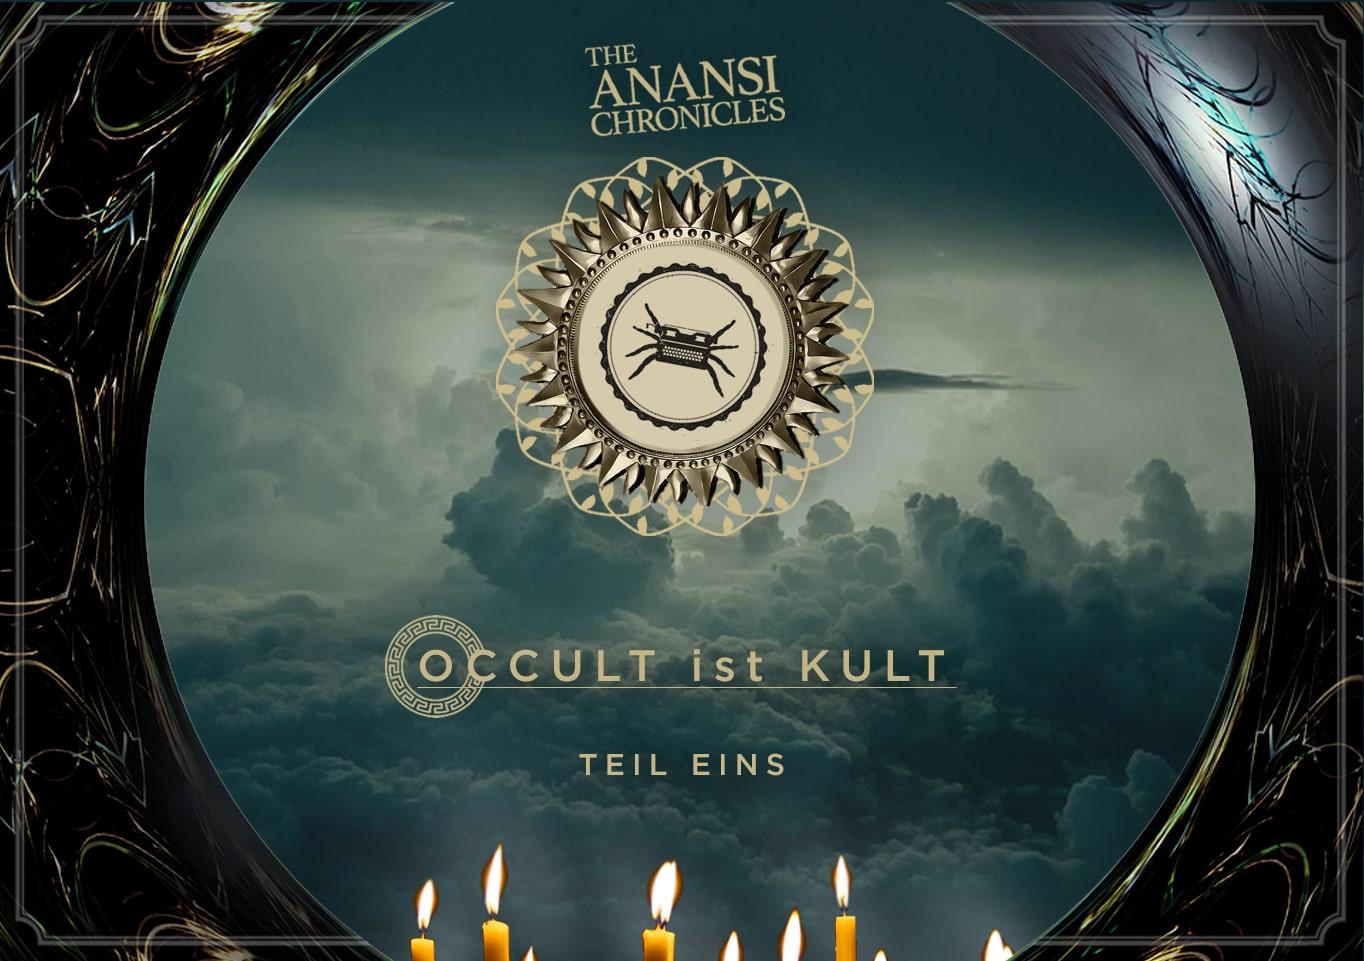 OCCULT IST KULT: TEIL 1